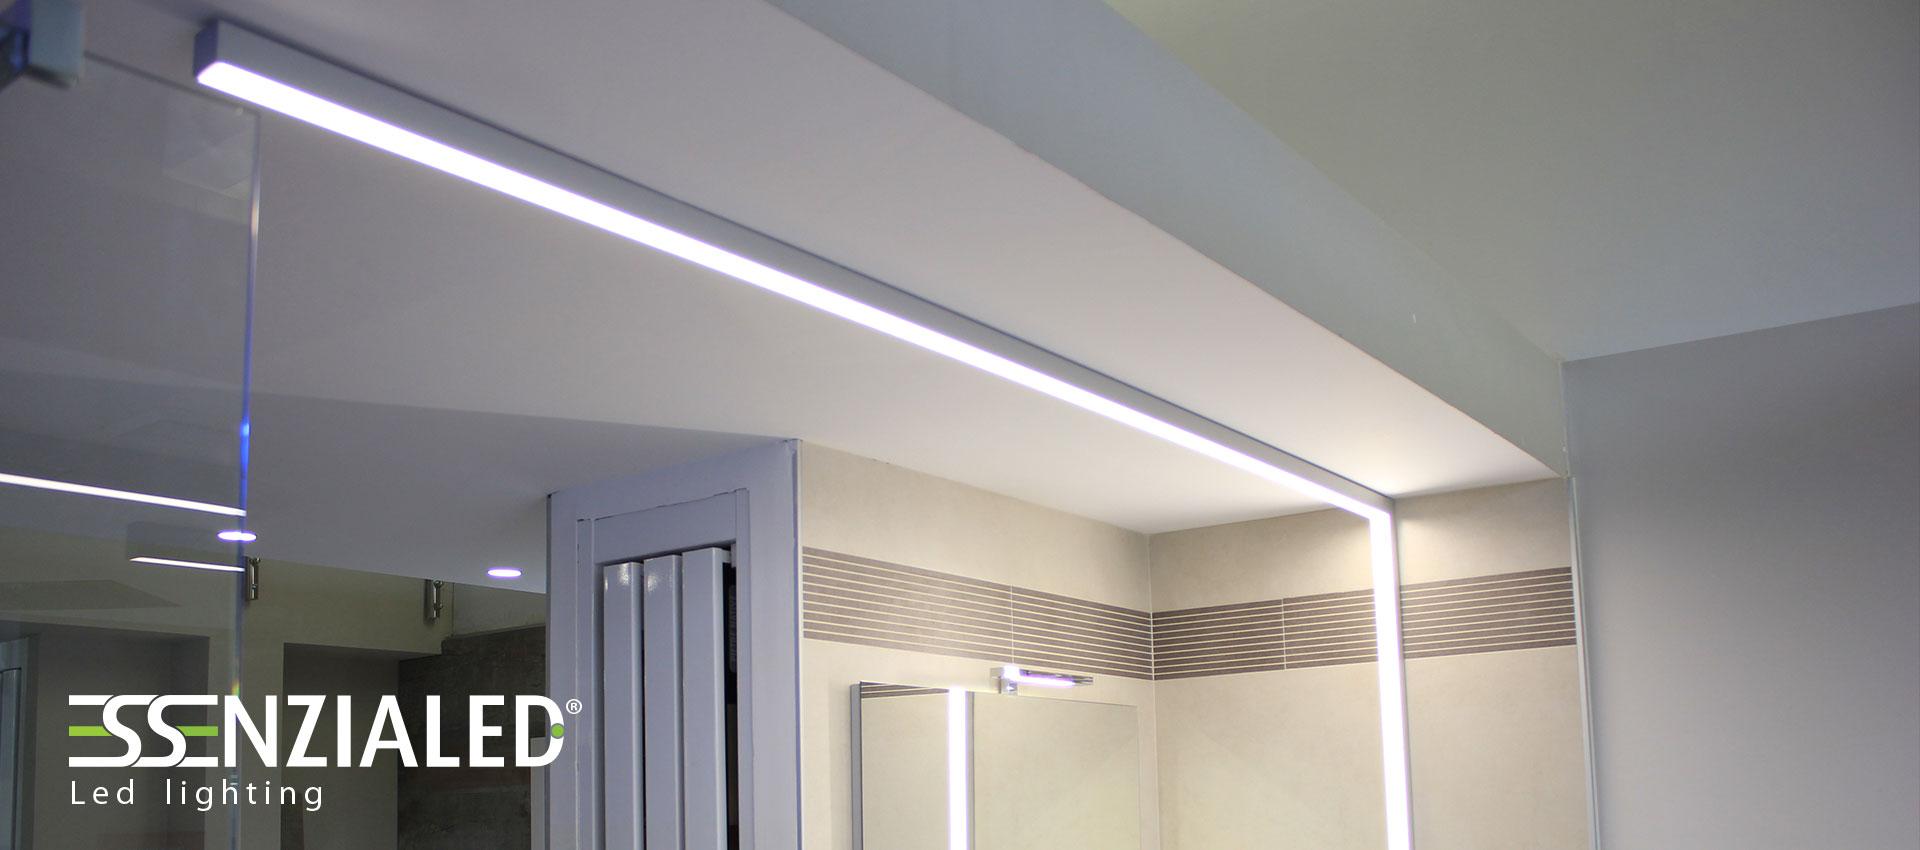 Illuminazione Bagno A Parete illuminazione-bagno-specchi-parete - essenzialed